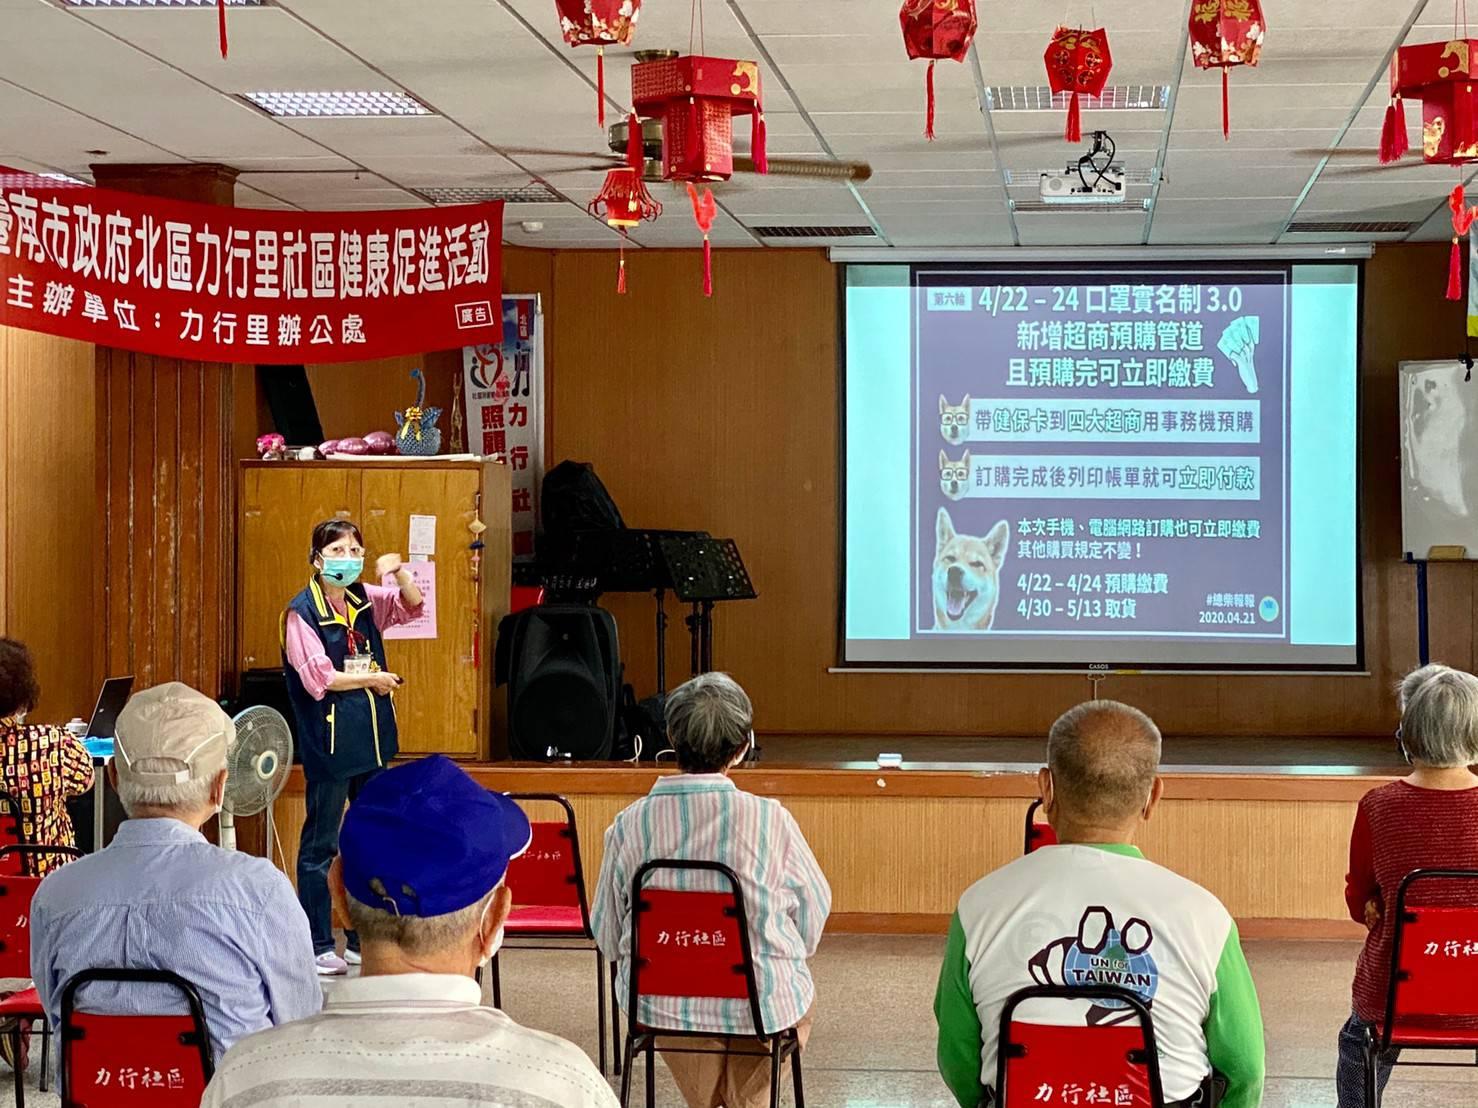 20200422_力行里社區樂活課程(圖片)